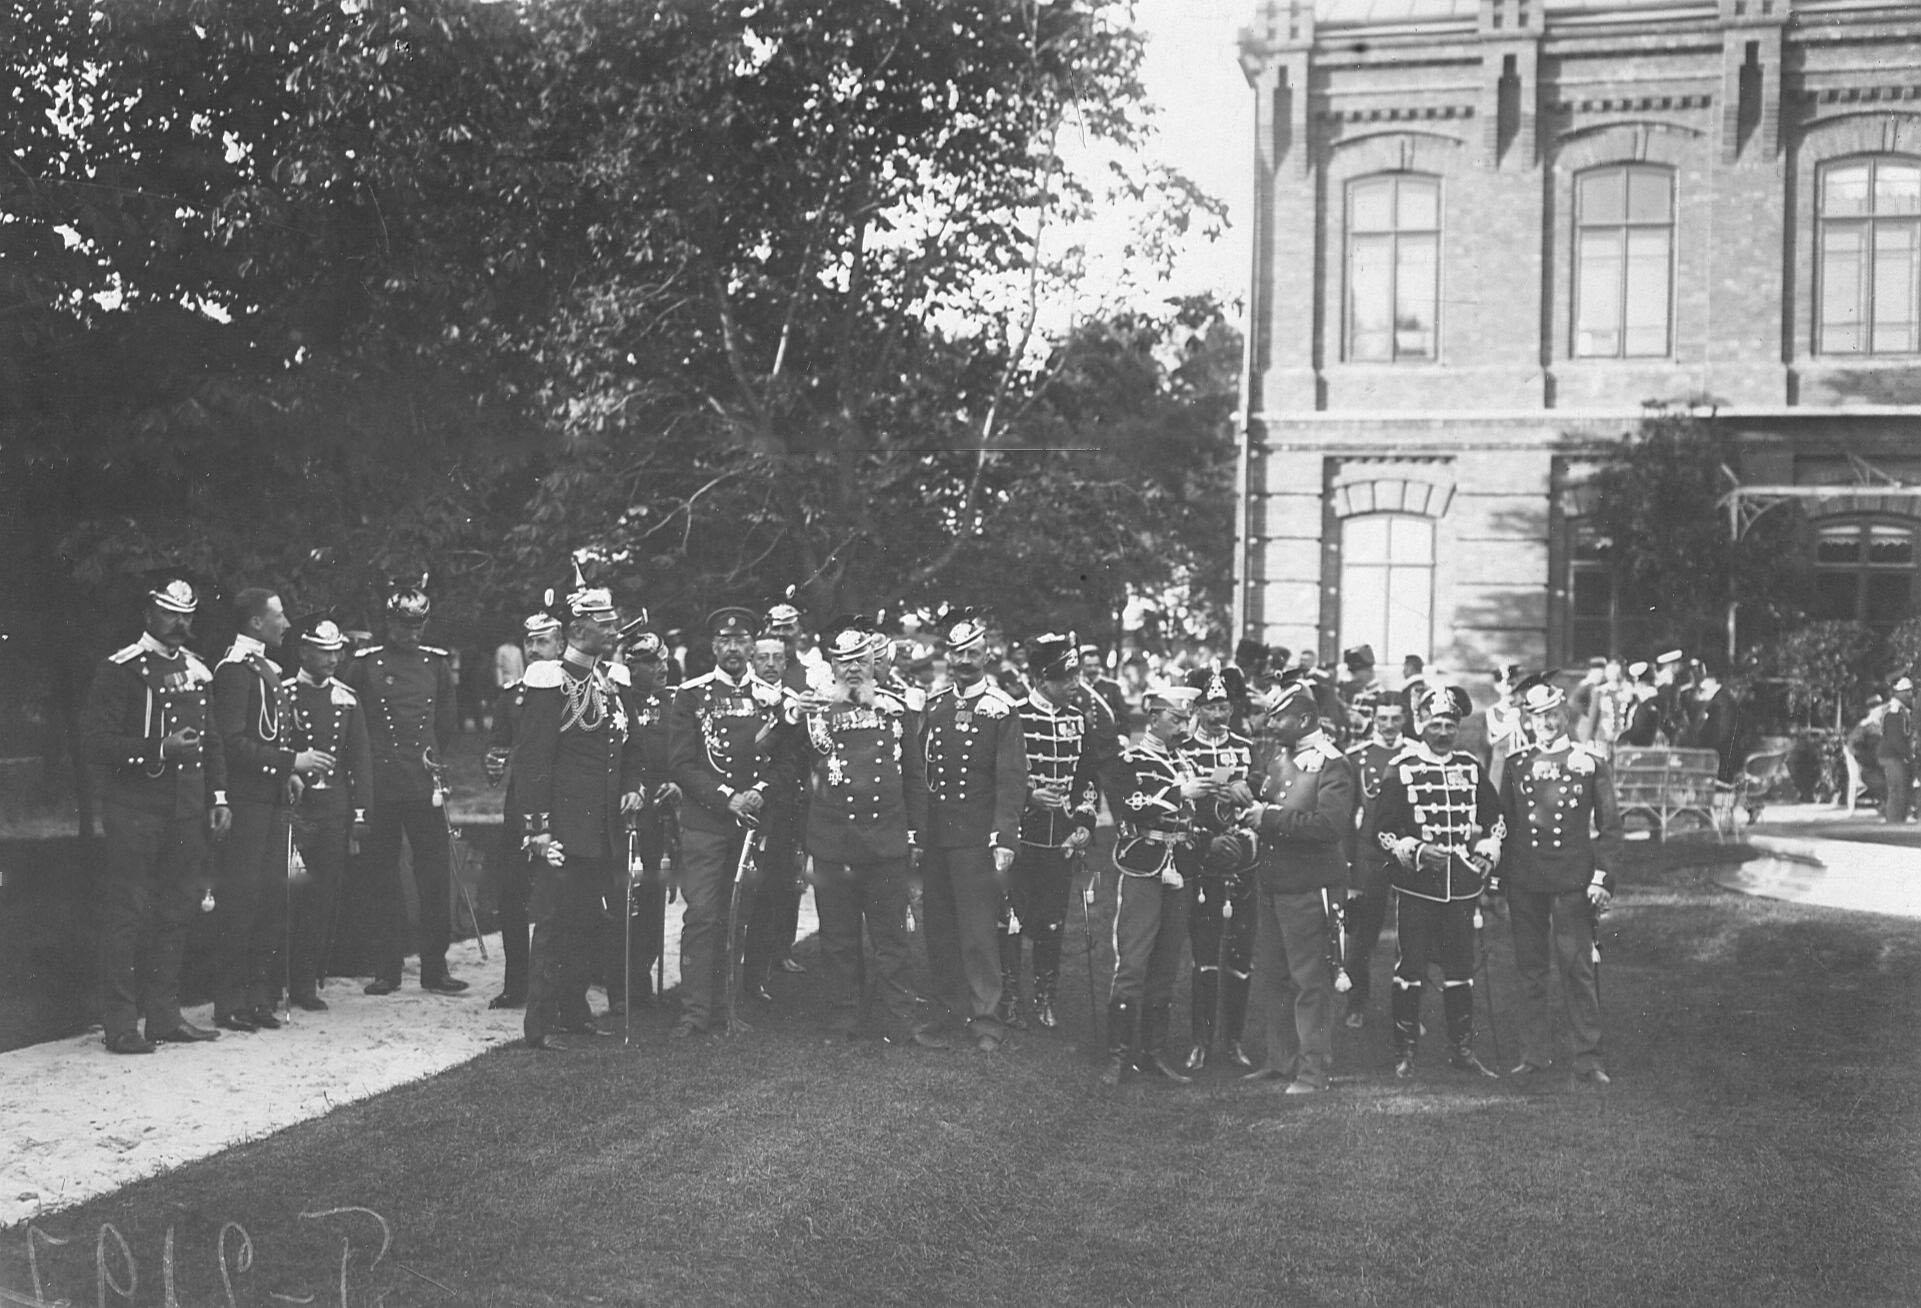 Делегации от прусских уланских и гусарских полков, прибывшие на празднование 250-летнего юбилея полка, во дворцовом саду